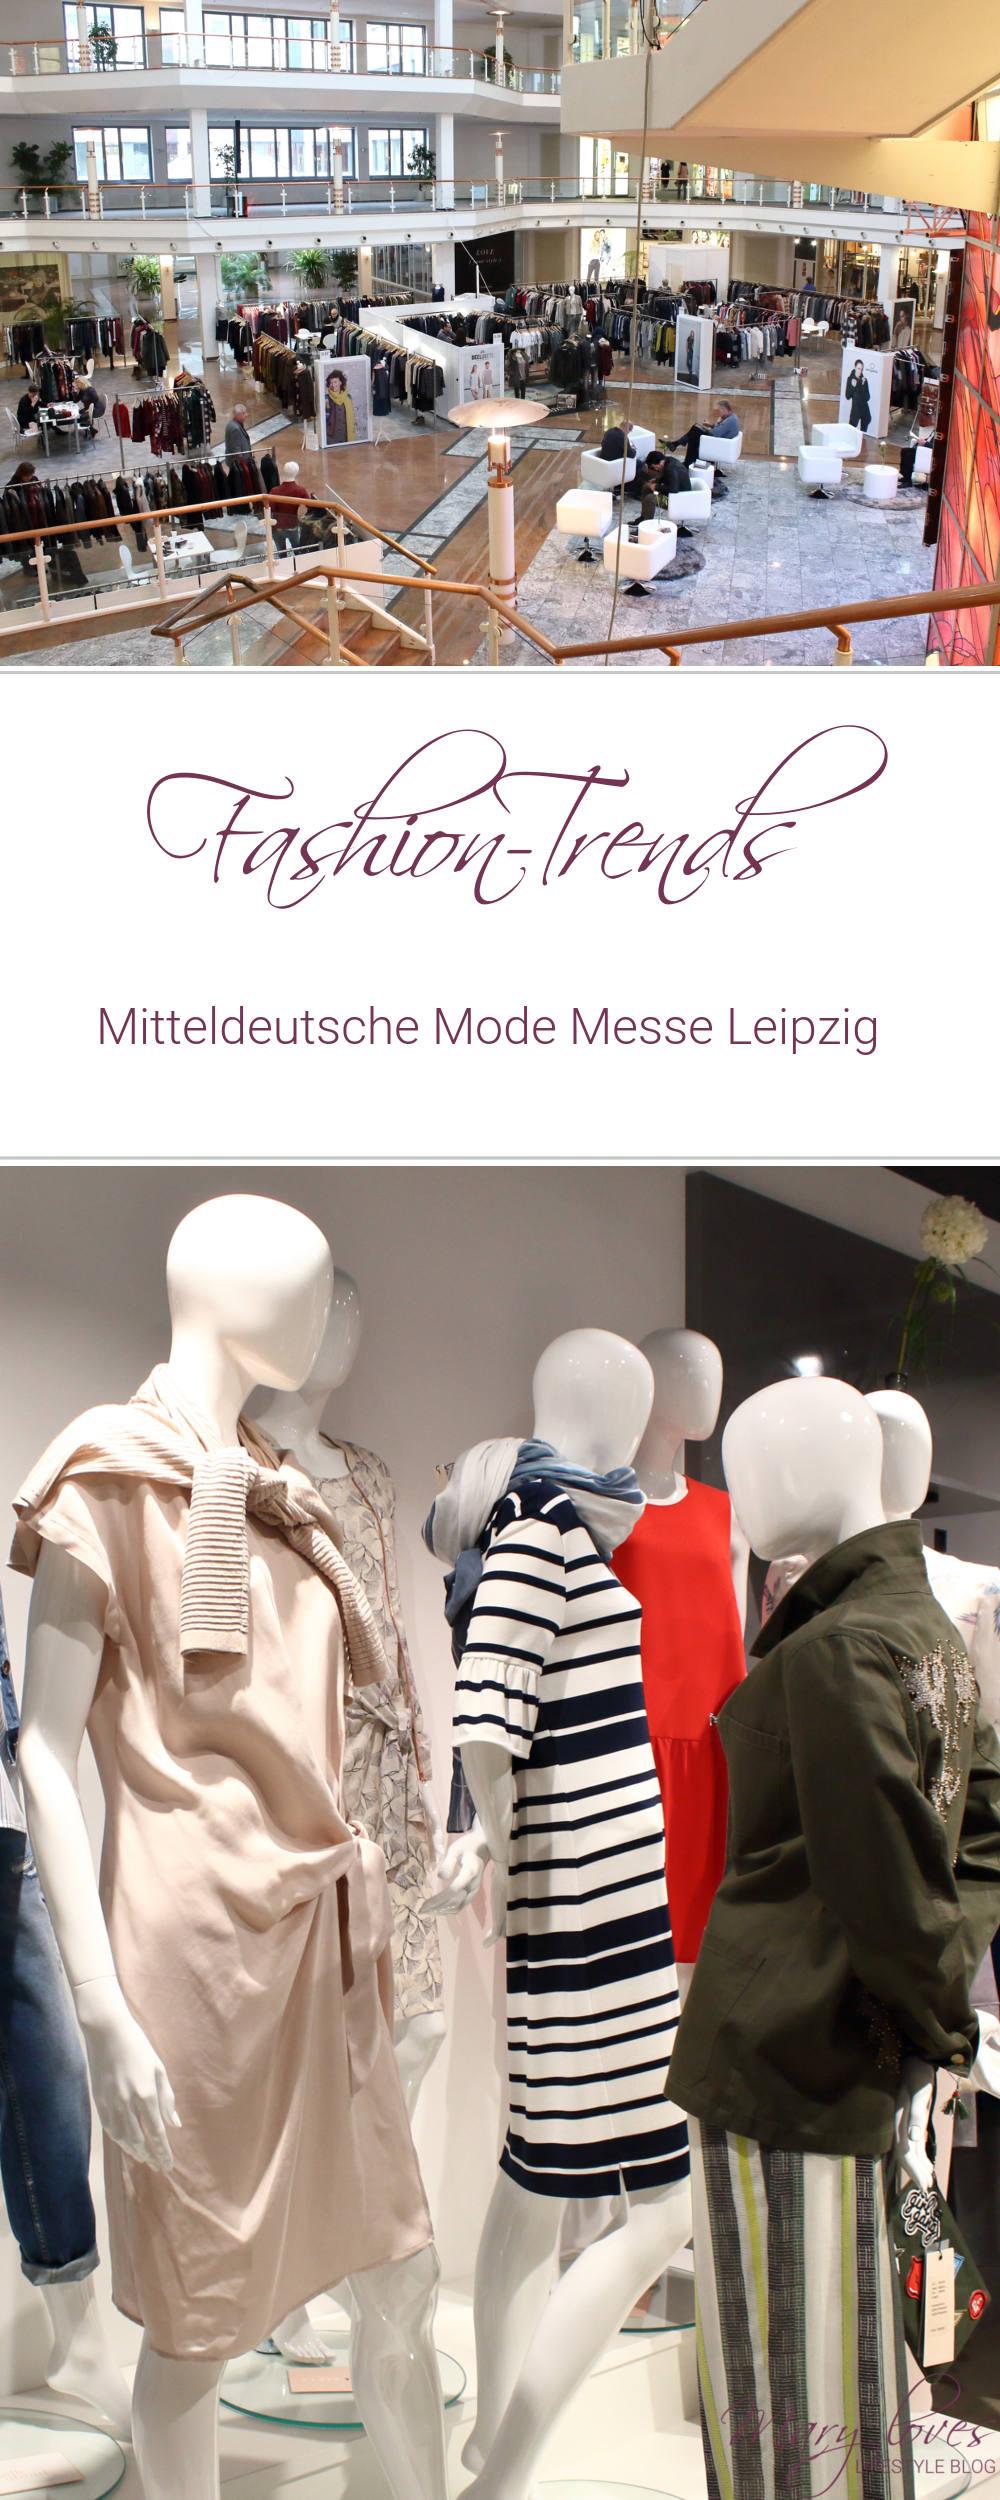 Die Trends der Mitteldeutschen Mode Messe Leipzig